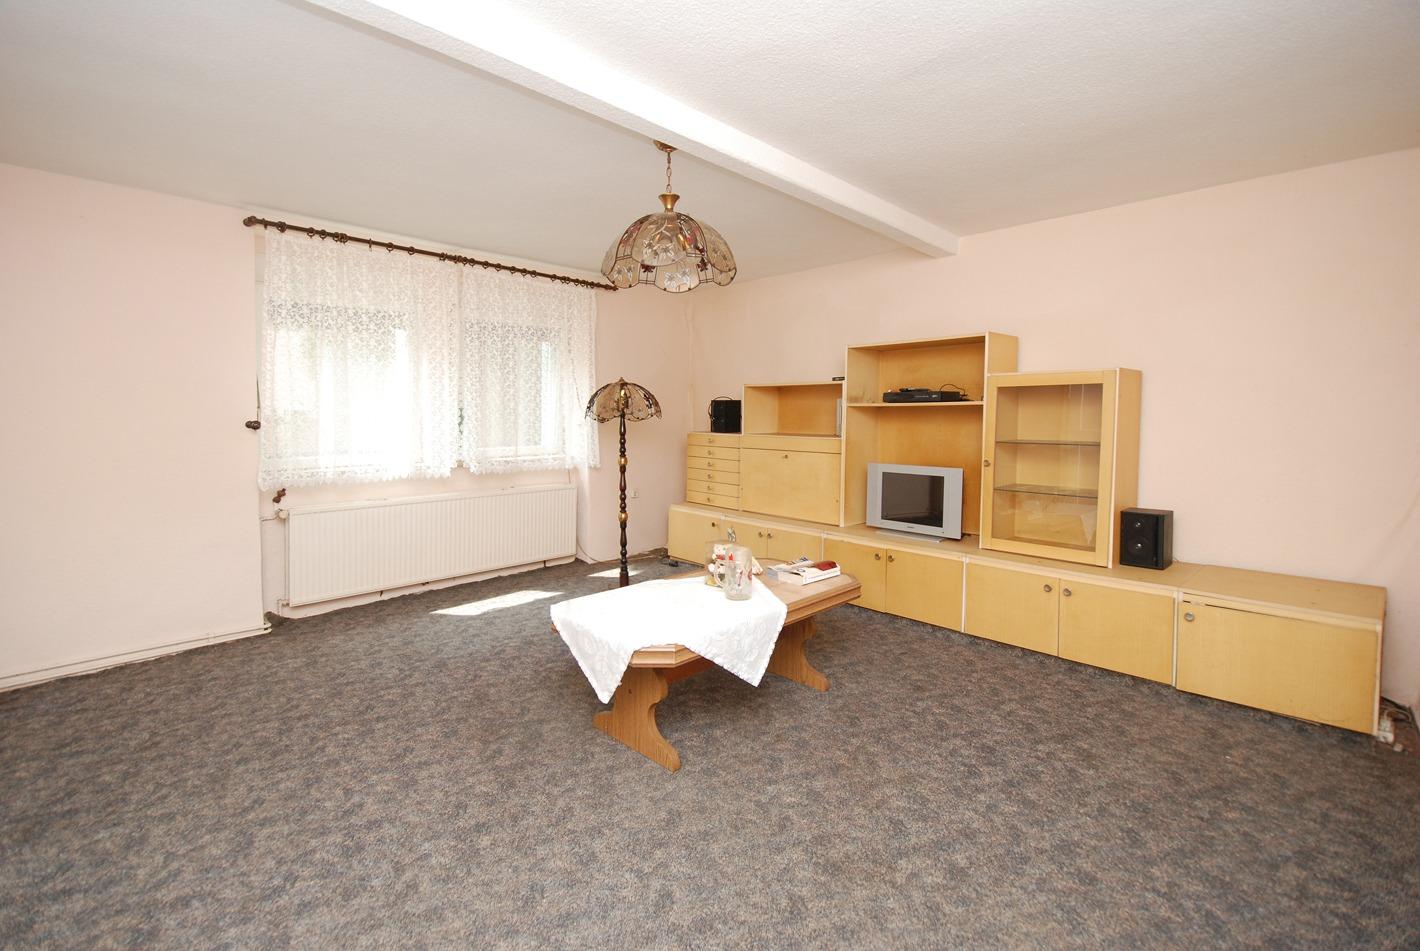 Einfamilienhaus Löbejün - Wohnzimmer